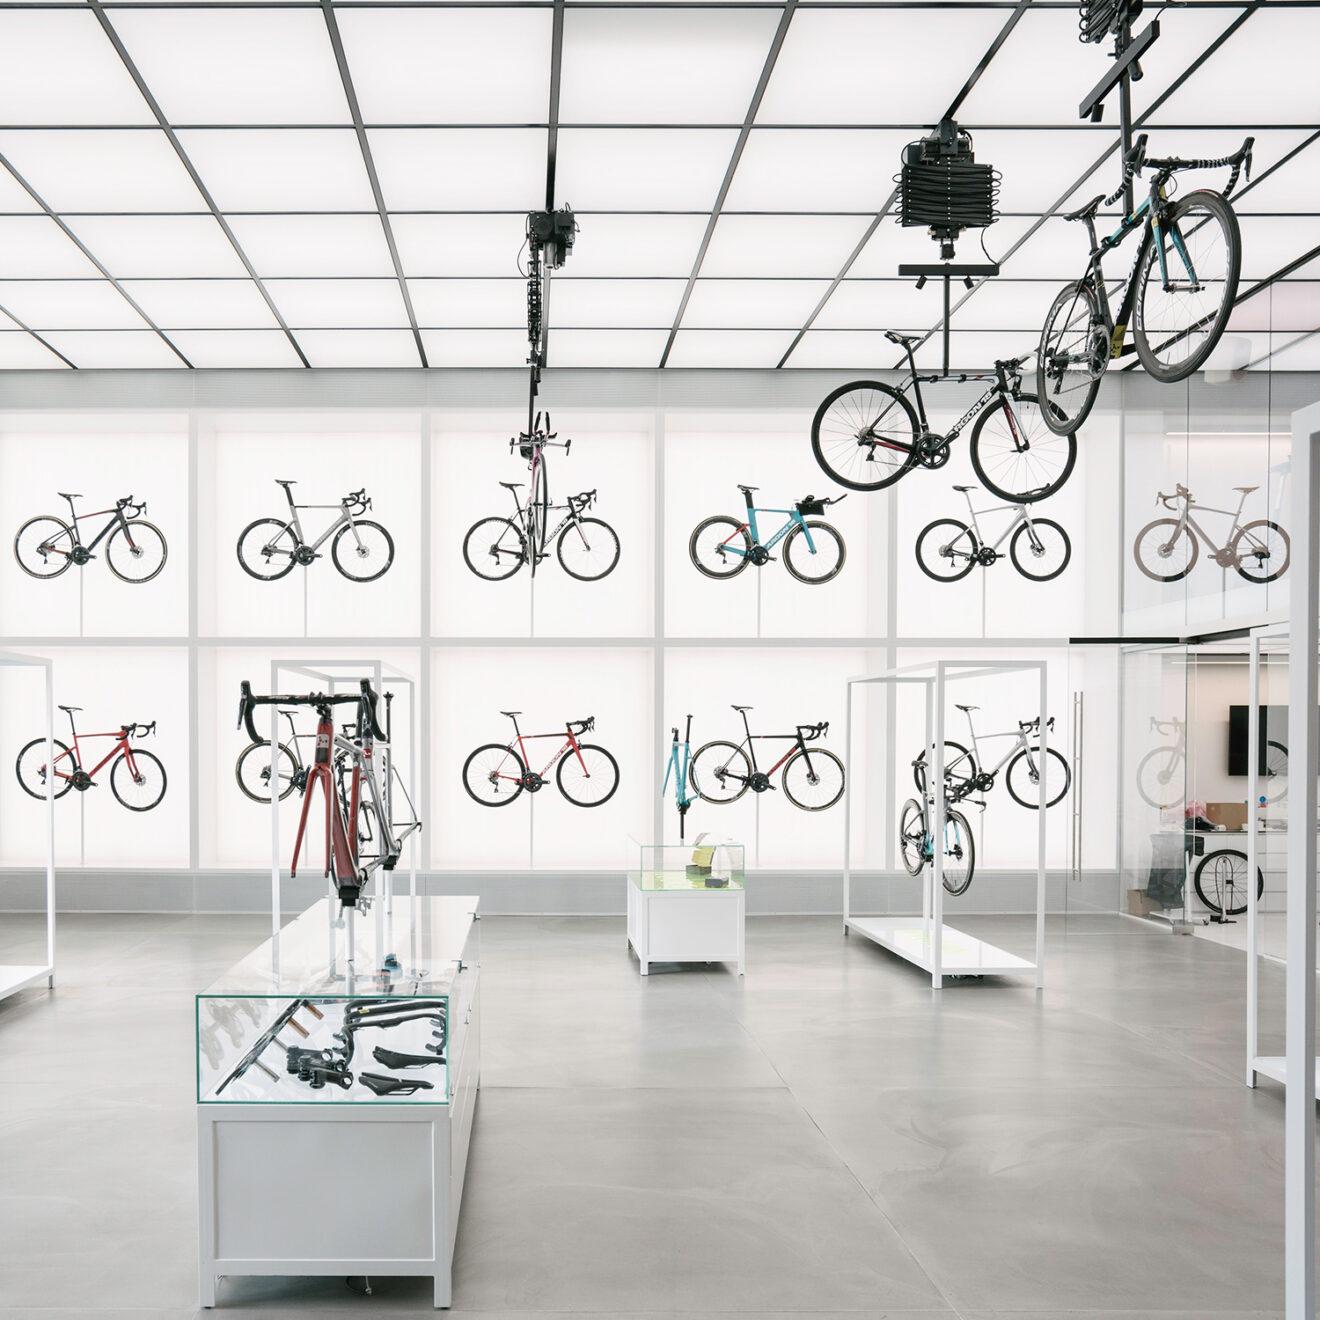 Argon 18 Lab & Store Denmark